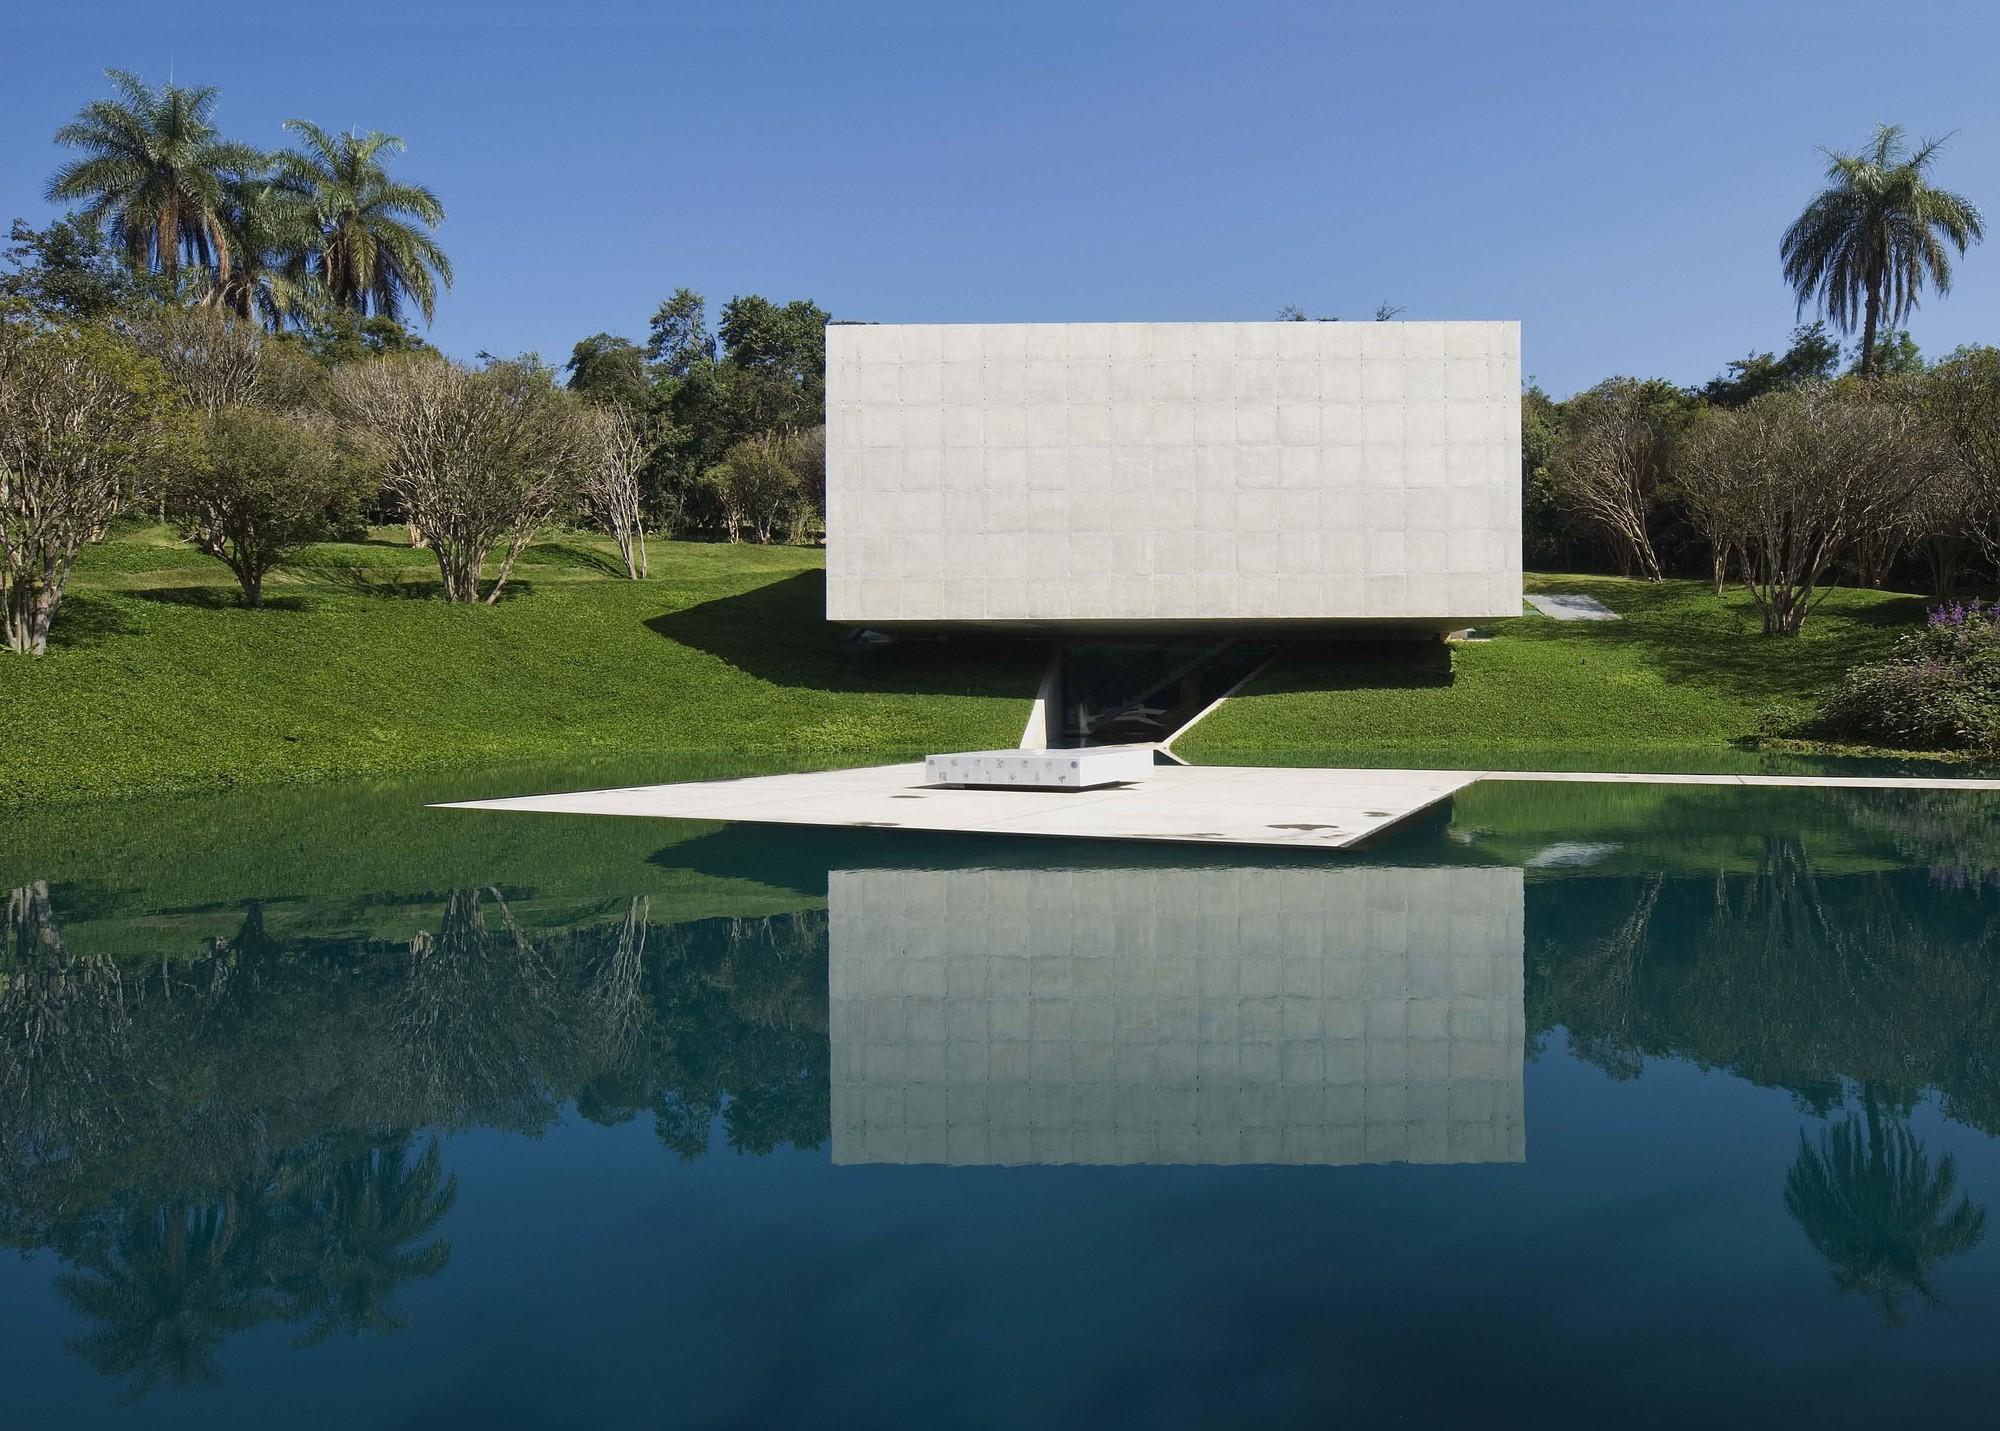 Galeria Adriana Varejao / Tacoa Arquitetos, © Eduardo Eckenfels